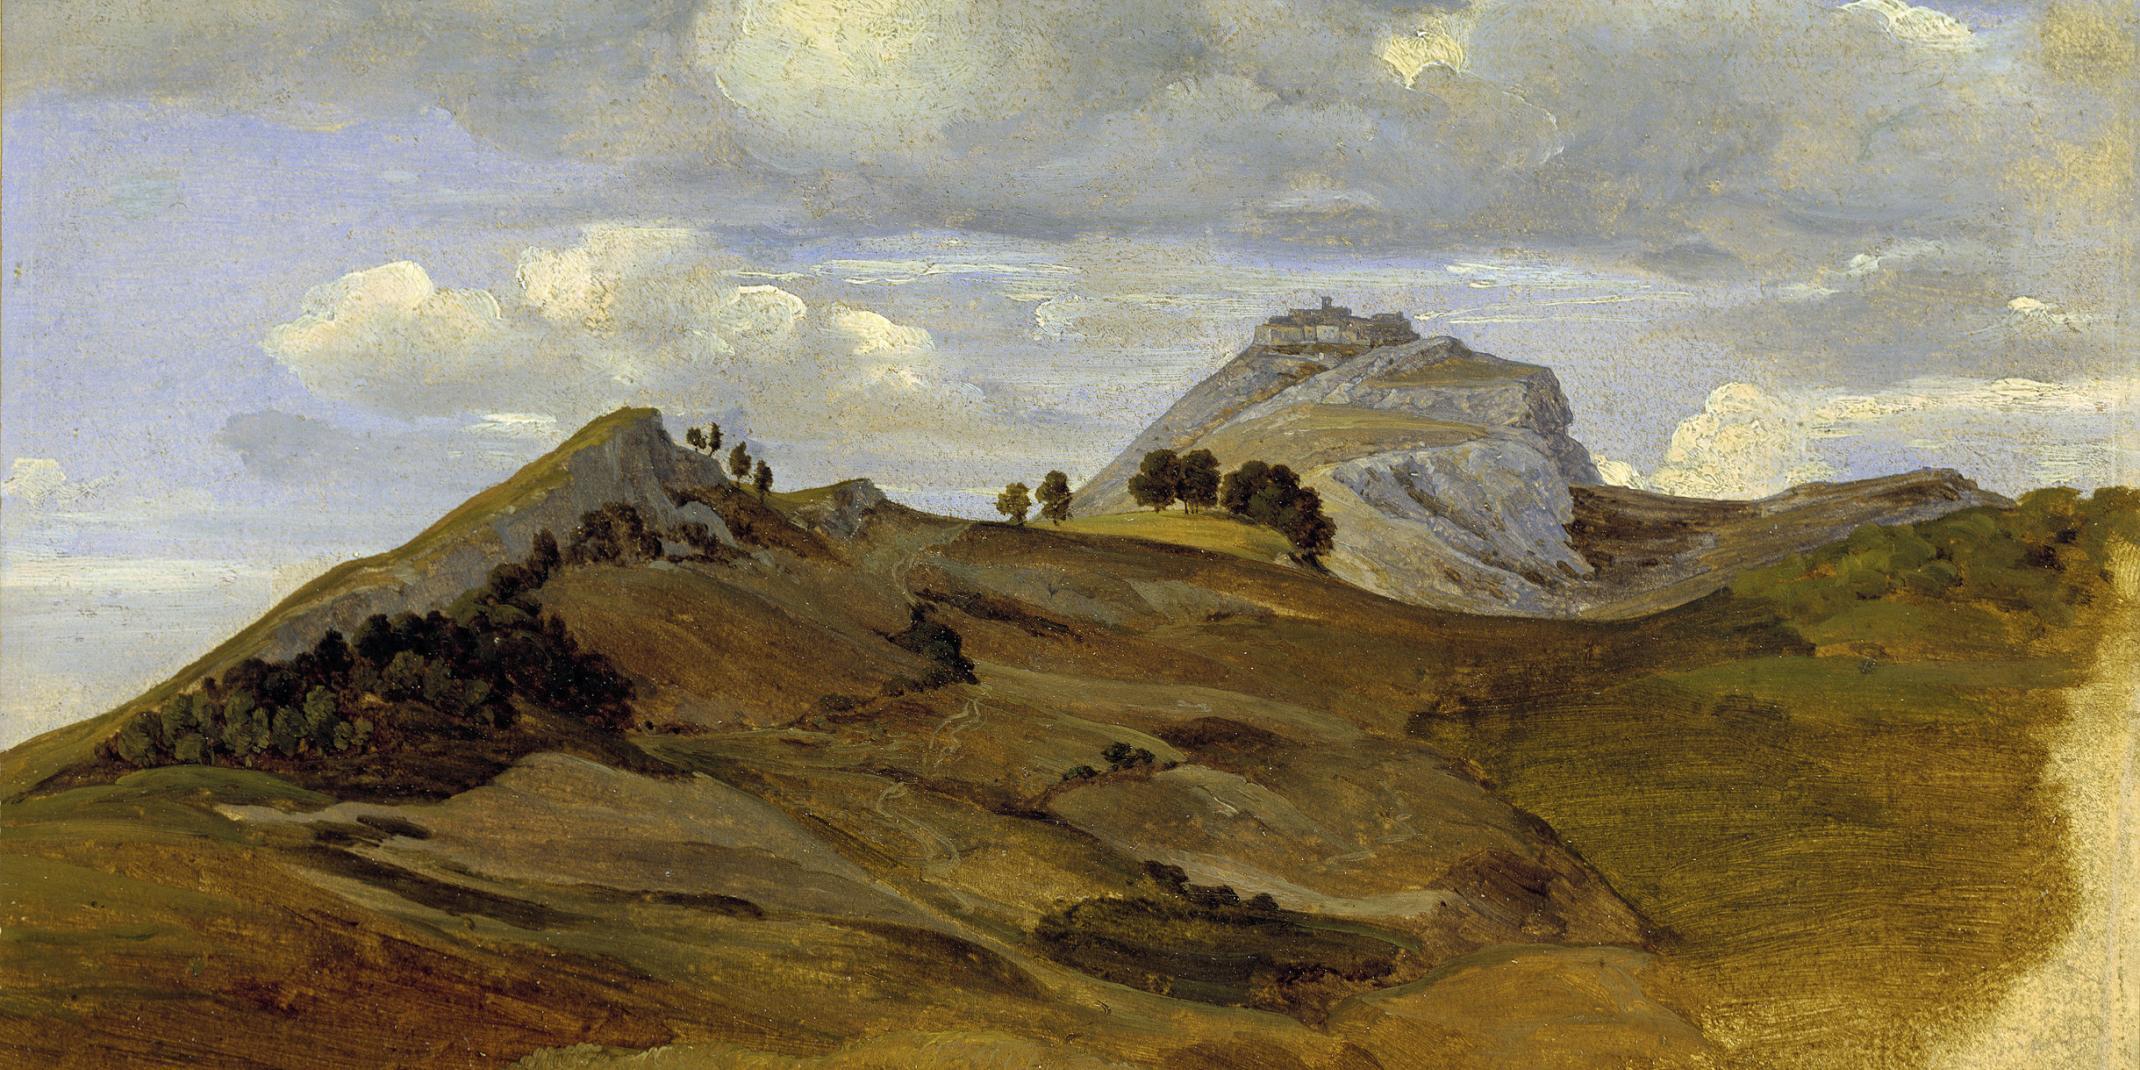 Heinrich Reinhold (1788 – 1825): Blick auf Civitella, 1822, Öl auf Papier auf Pappe, 16,5 x 25,7 cm © Hamburger Kunsthalle / bpk, Foto: Elke Walford